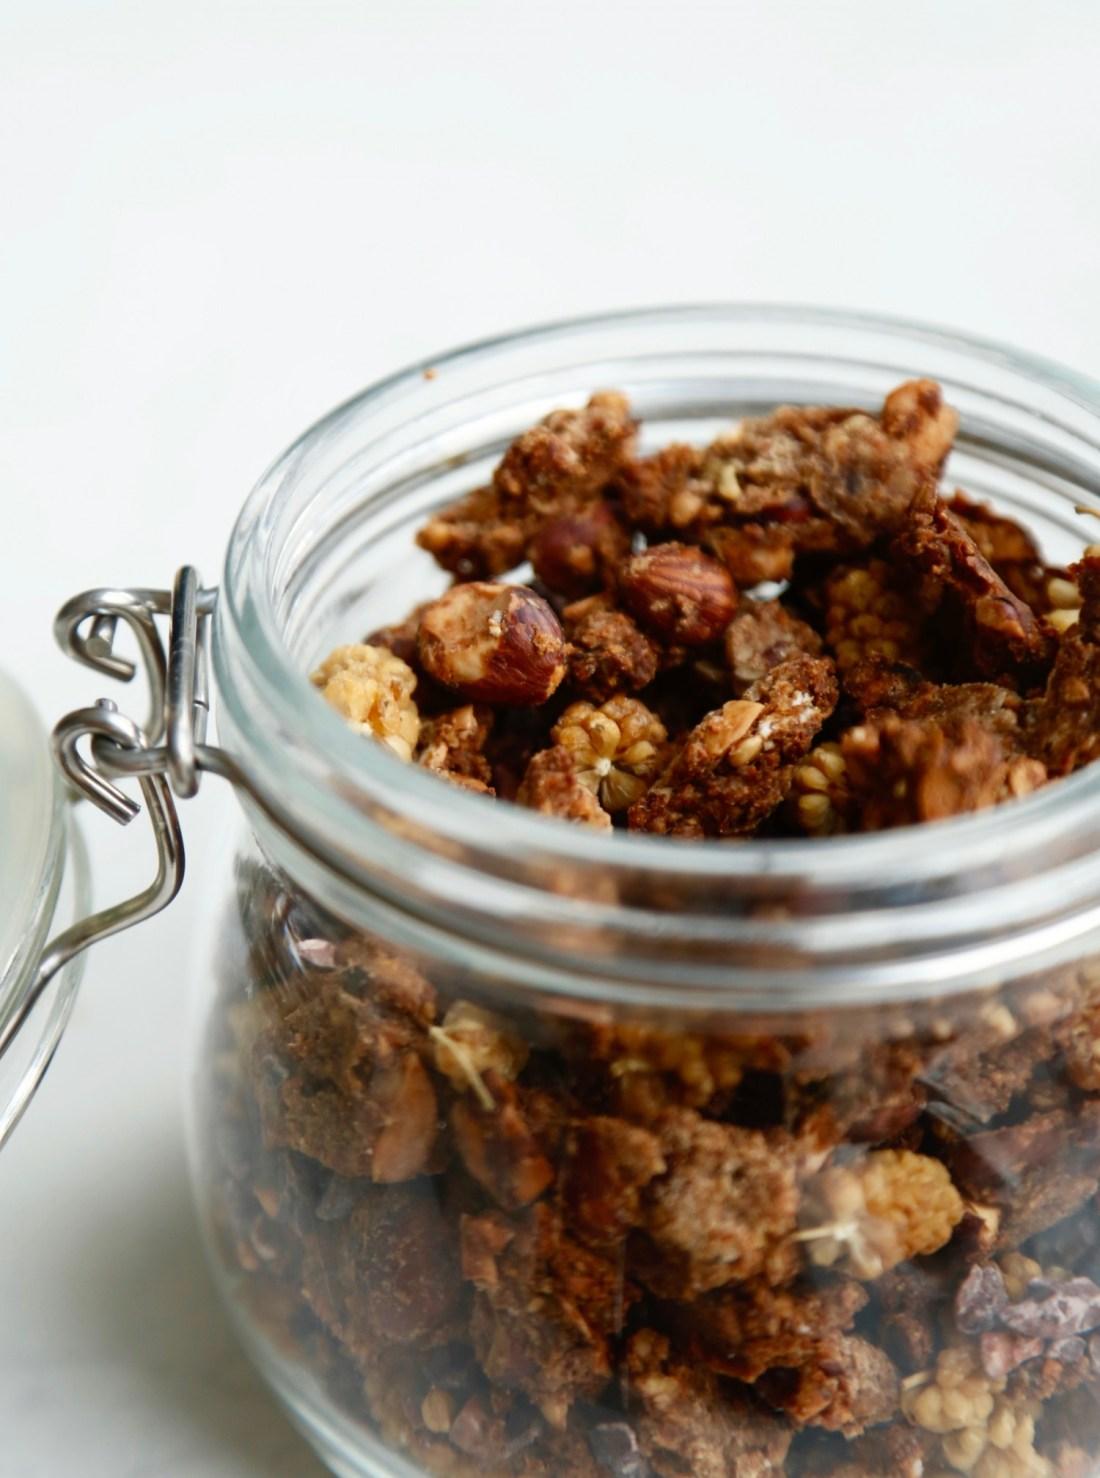 knasende-sproed-banangranola-glutenfri-opskrift-1